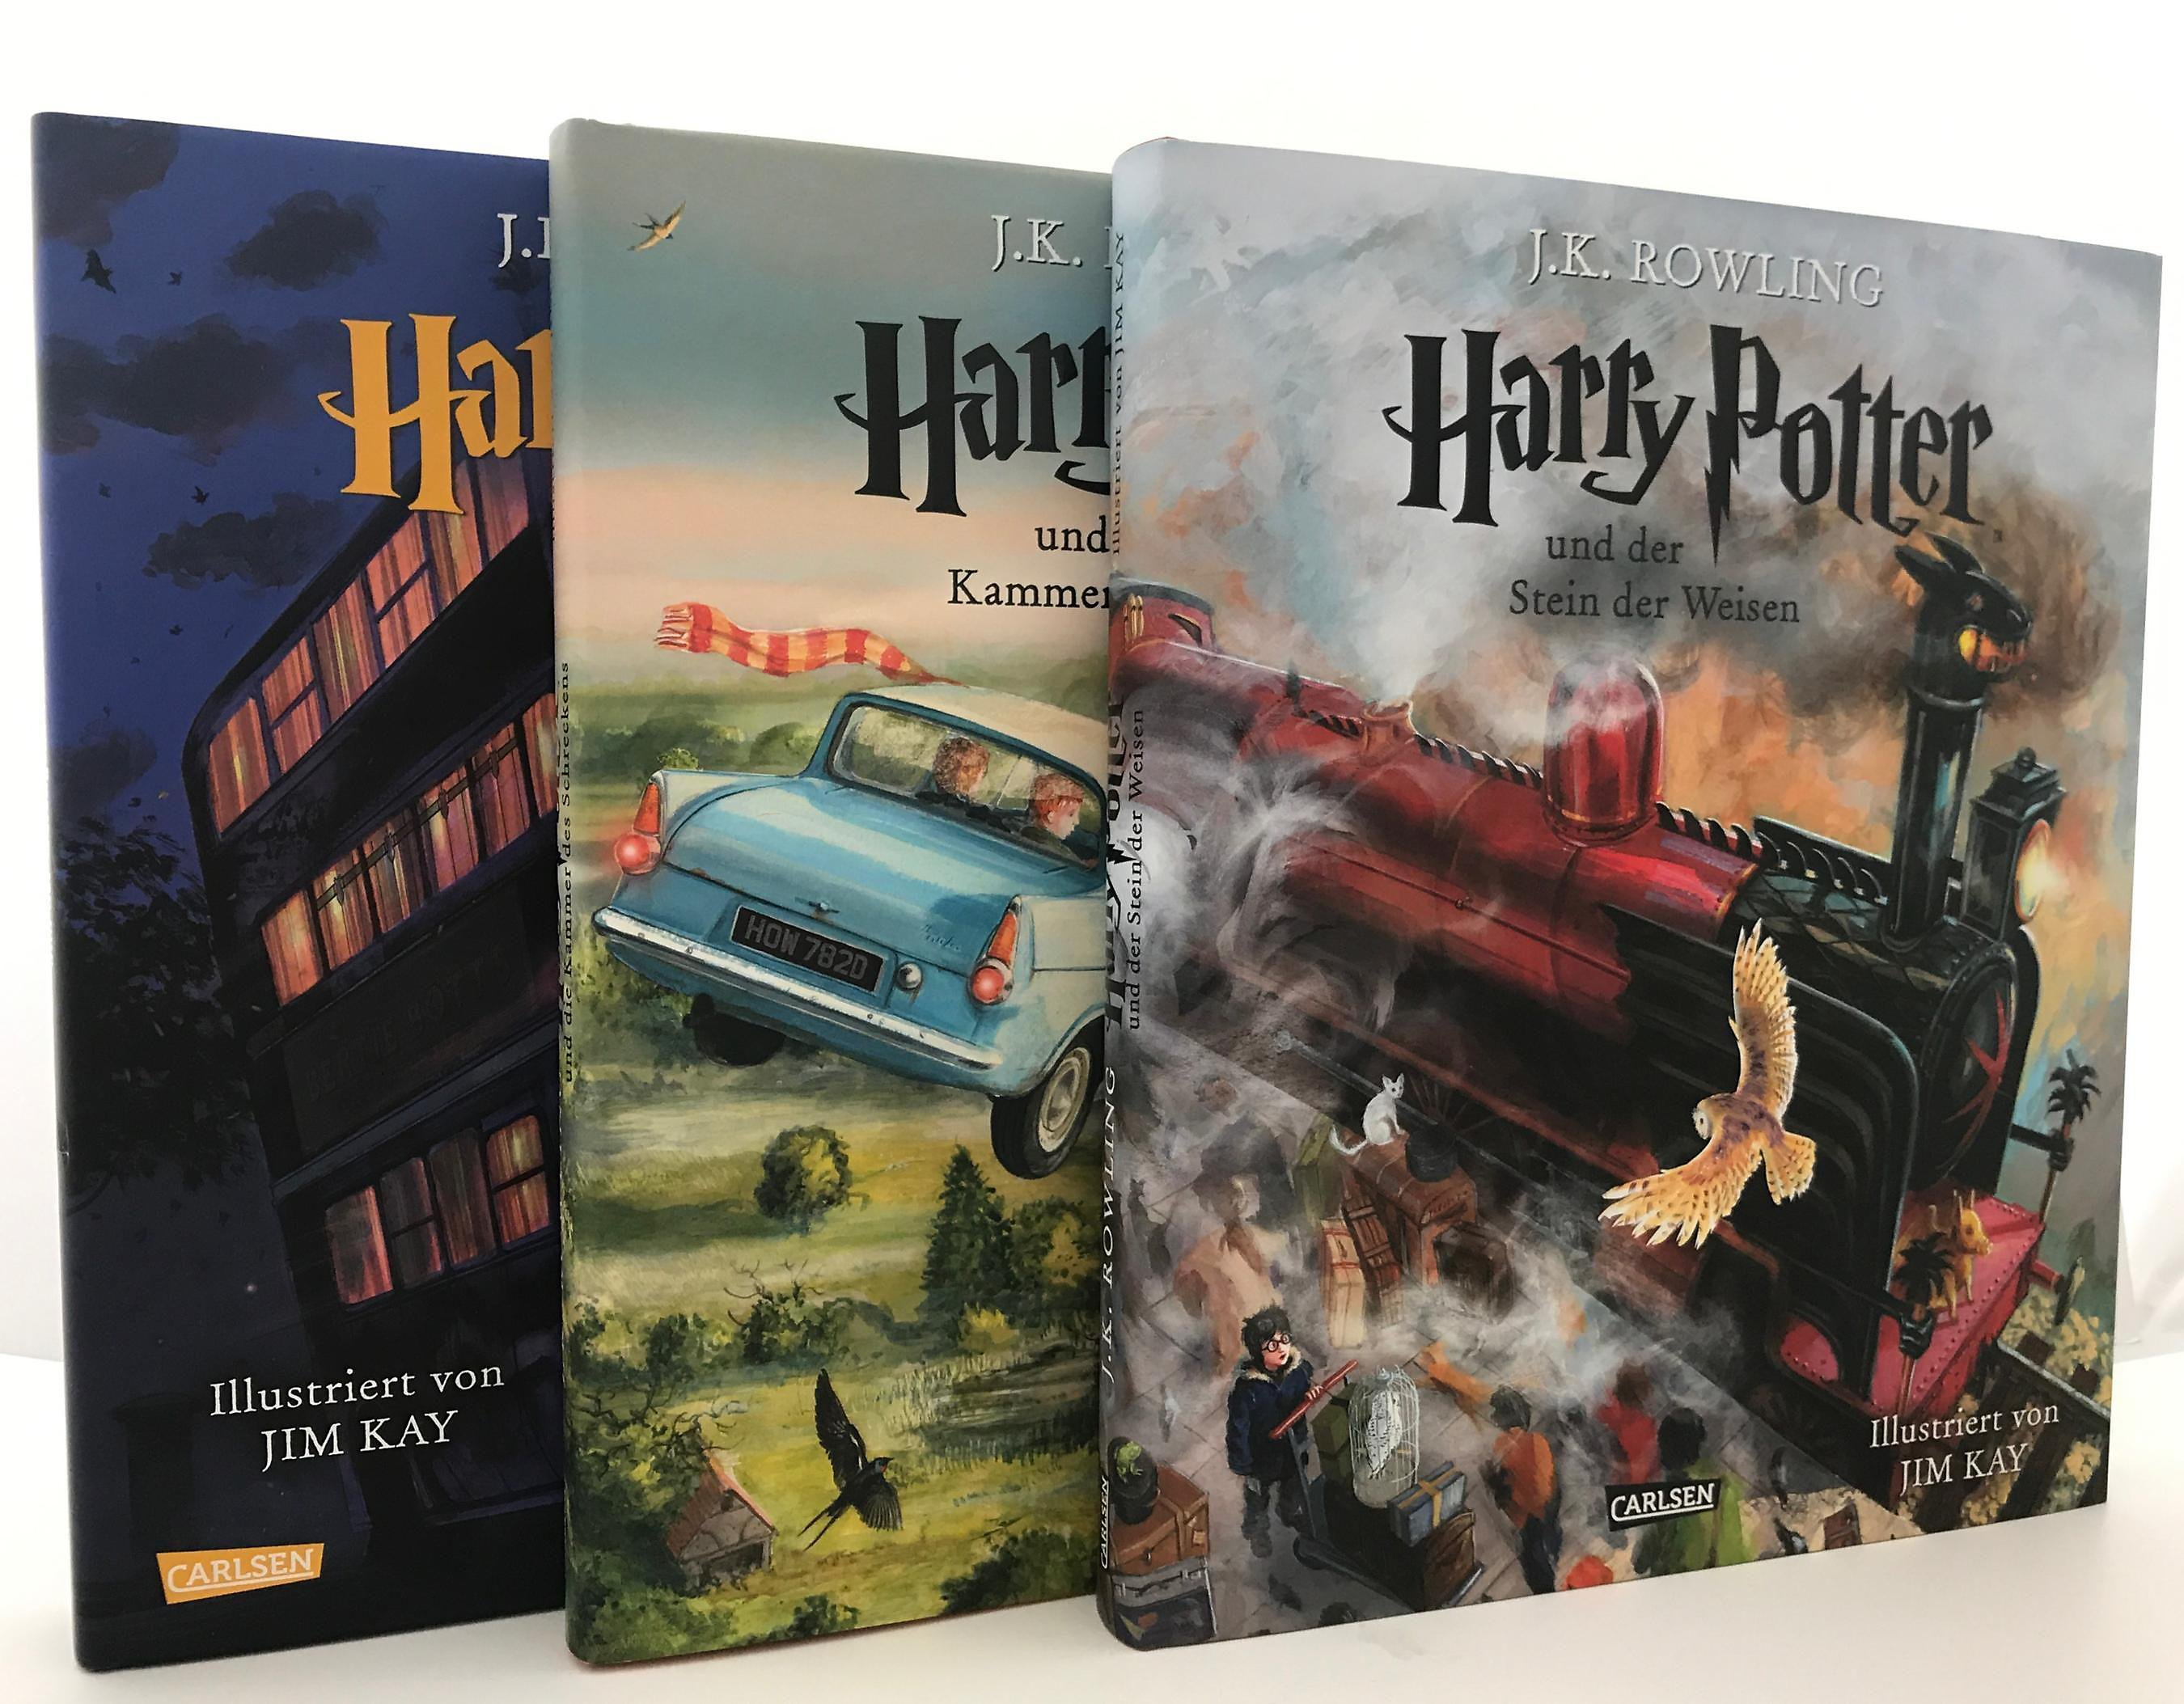 Harry Potter und der Gefangene von Askaban, Schmuckausgabe